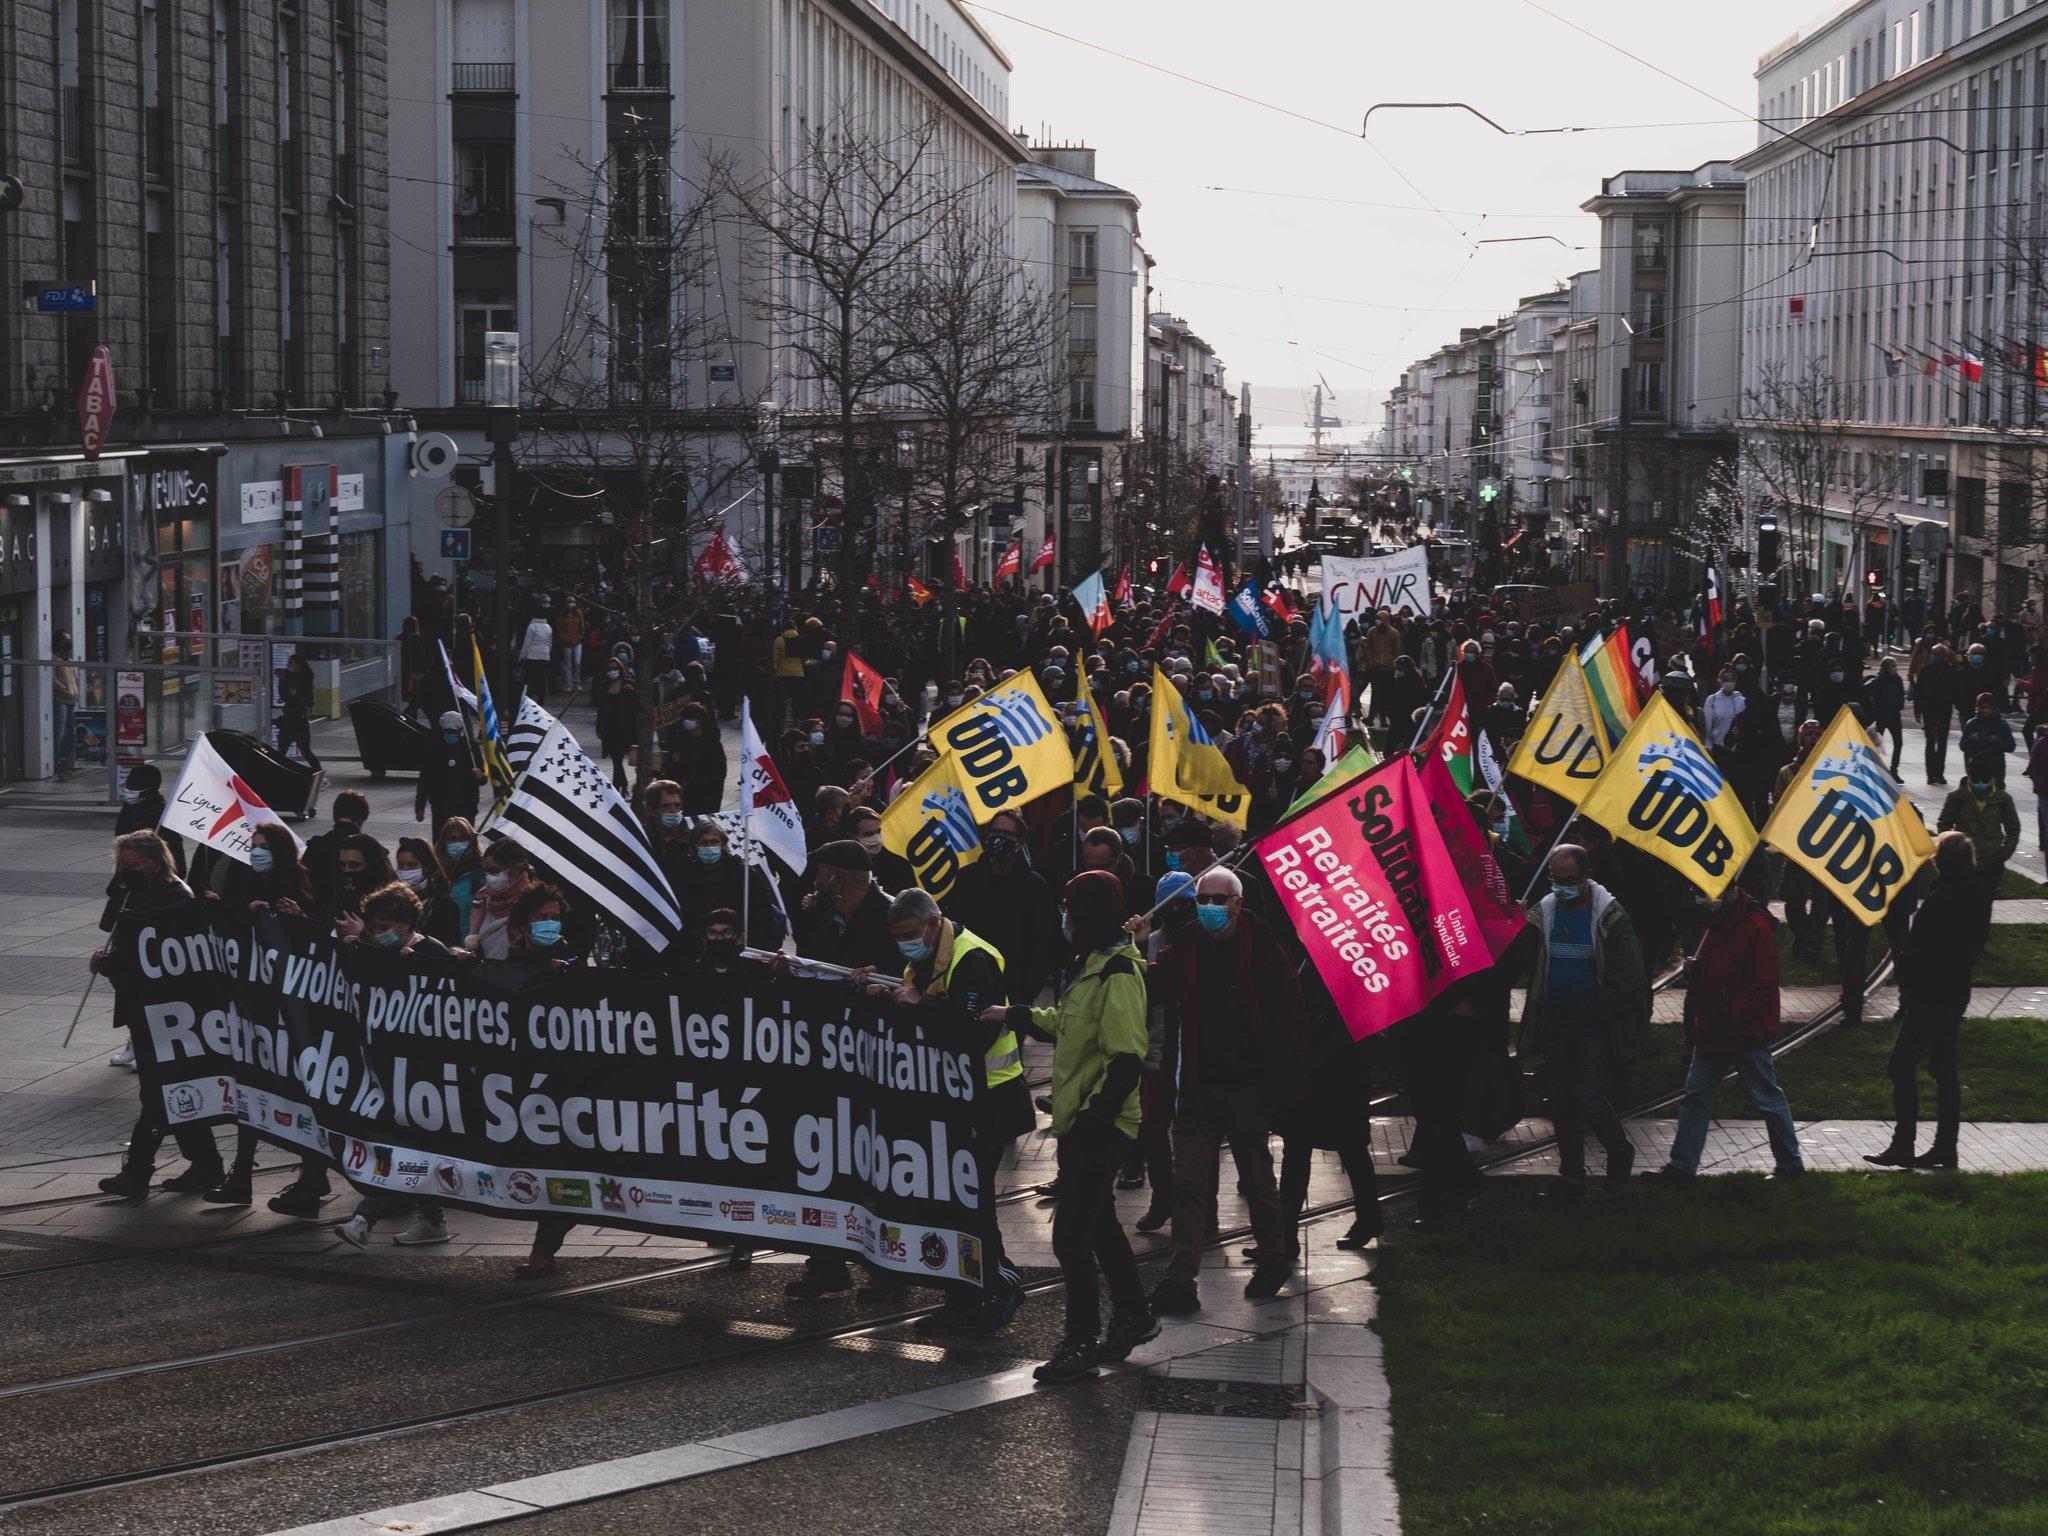 Samedi 19 décembre – Appel à un rassemblement place de la Liberté. Contre la loi de sécurité globale : la mobilisation continue !